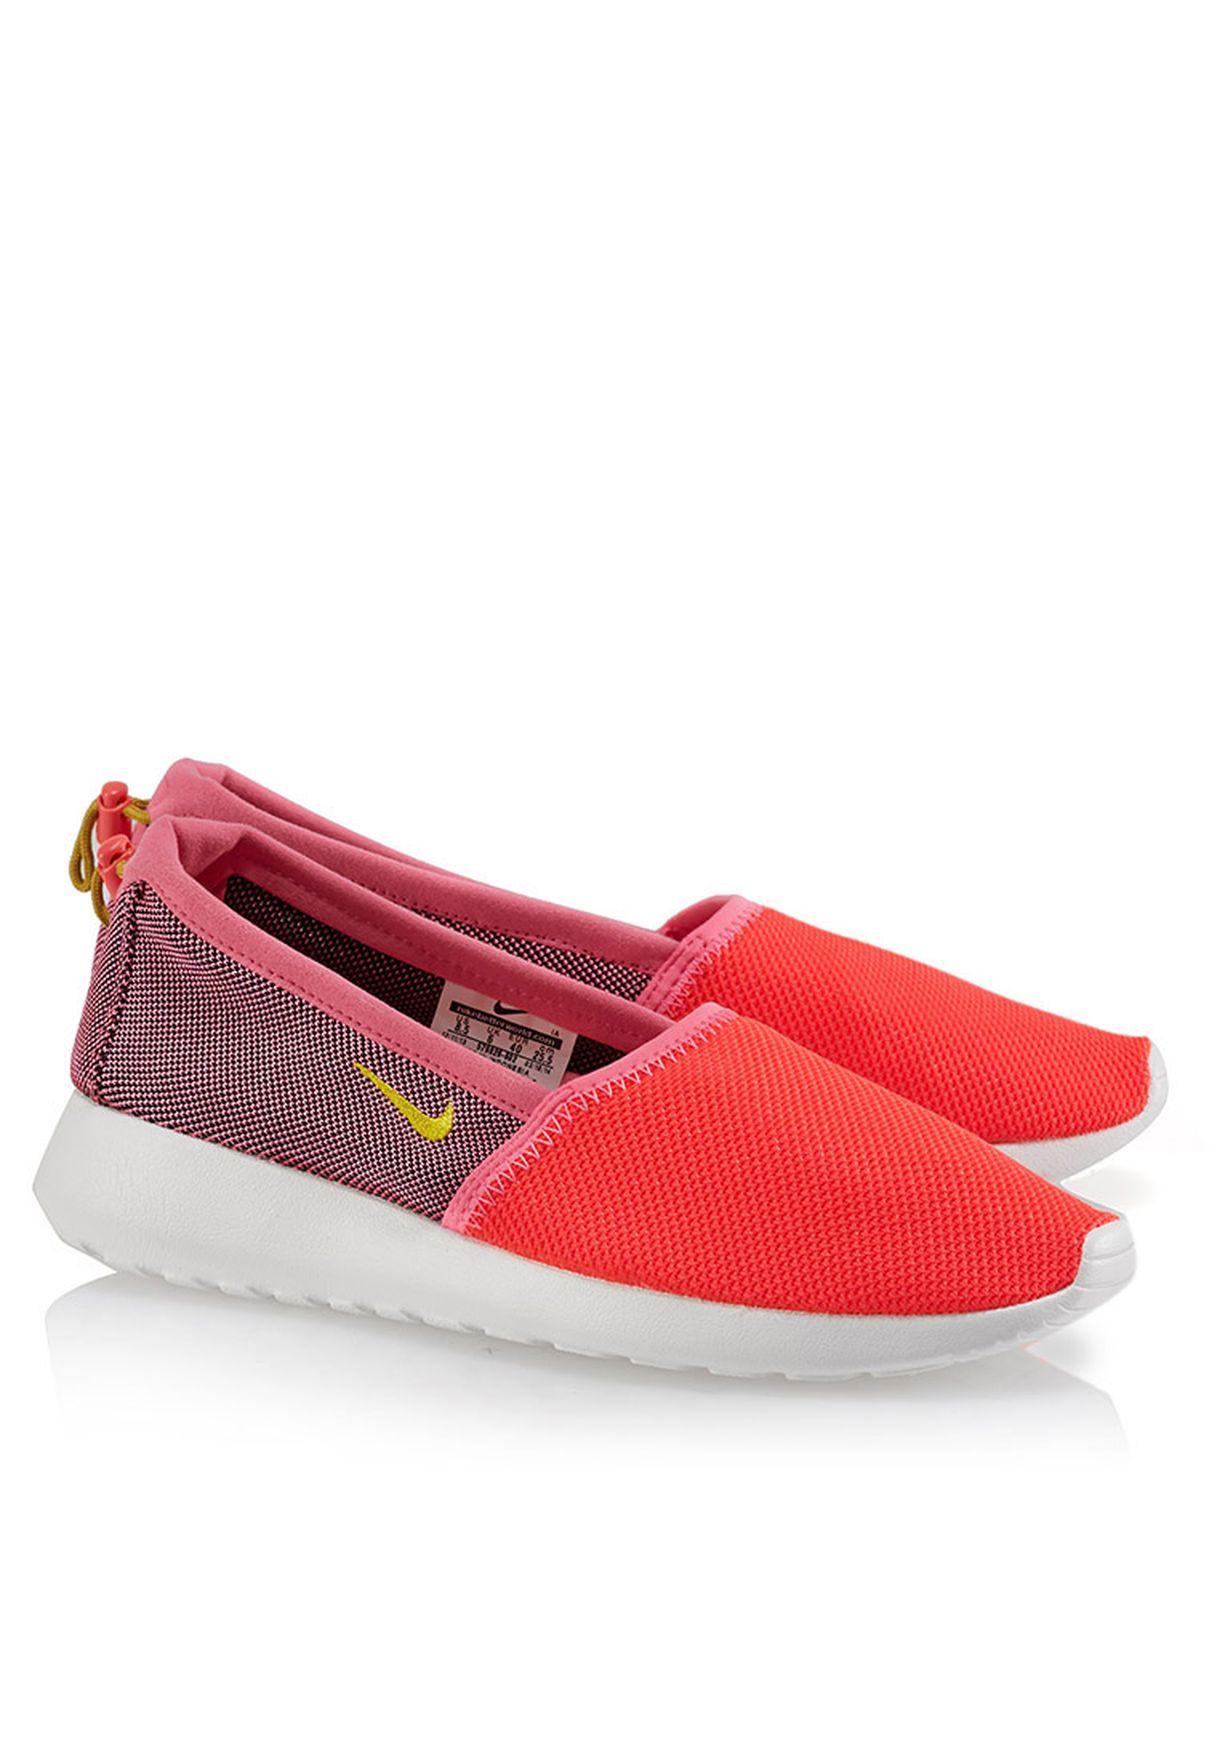 29e1d77b7a1c Shop Nike red Rosherun Slip Ons 579826-602 for Women in Bahrain ...